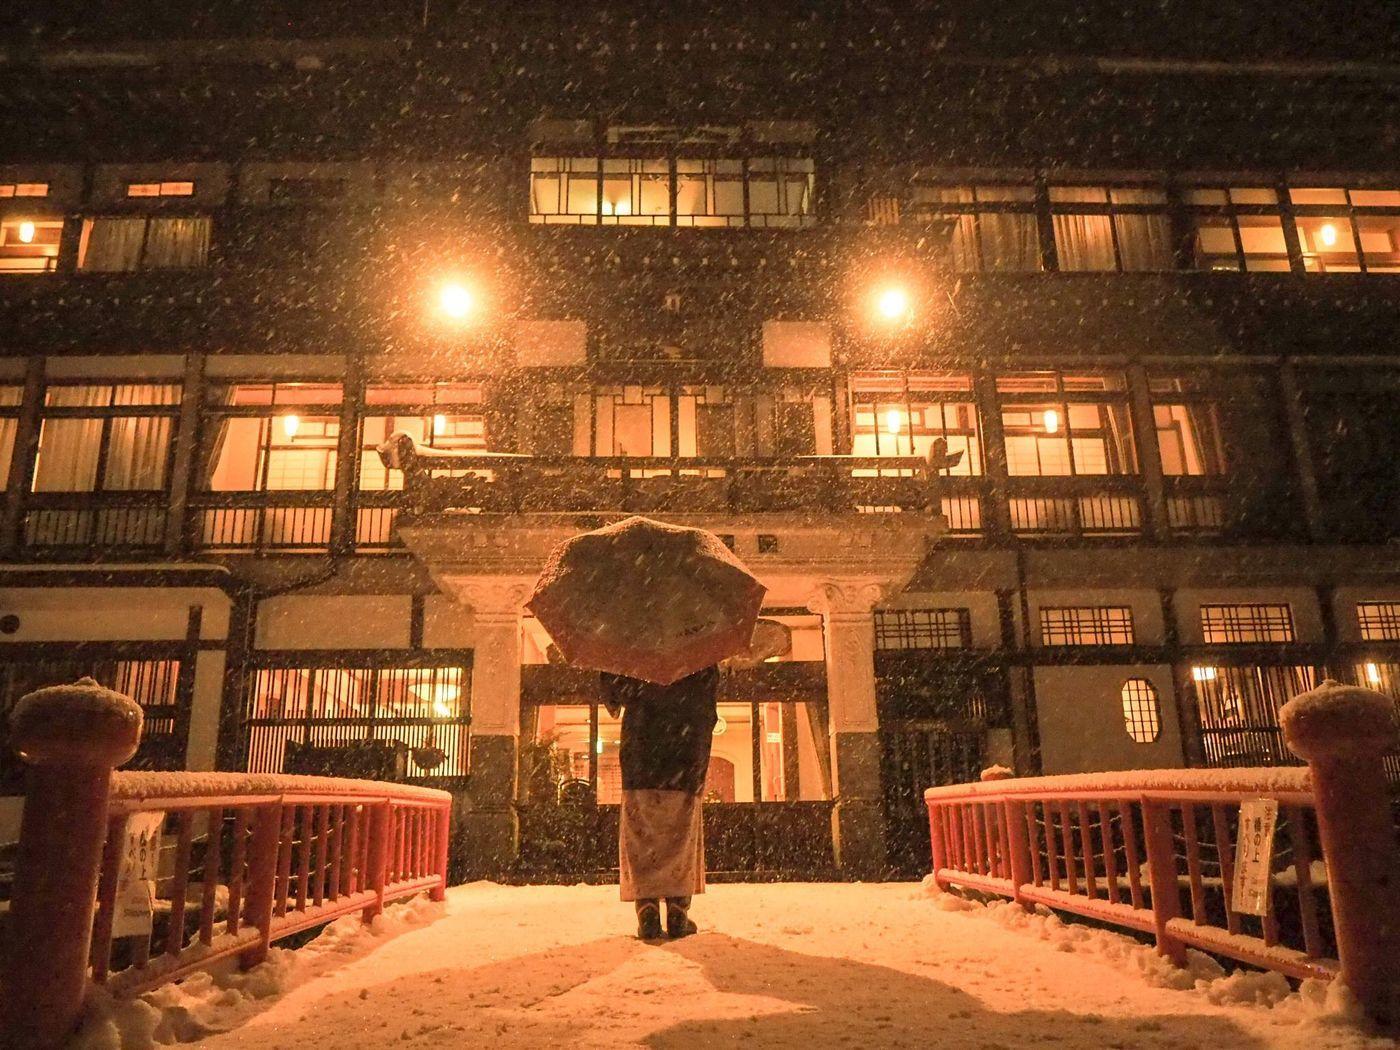 山形 ノスタルジーに浸る特別な滞在 銀山温泉の人気宿 永澤平八 をご紹介 Aumo アウモ